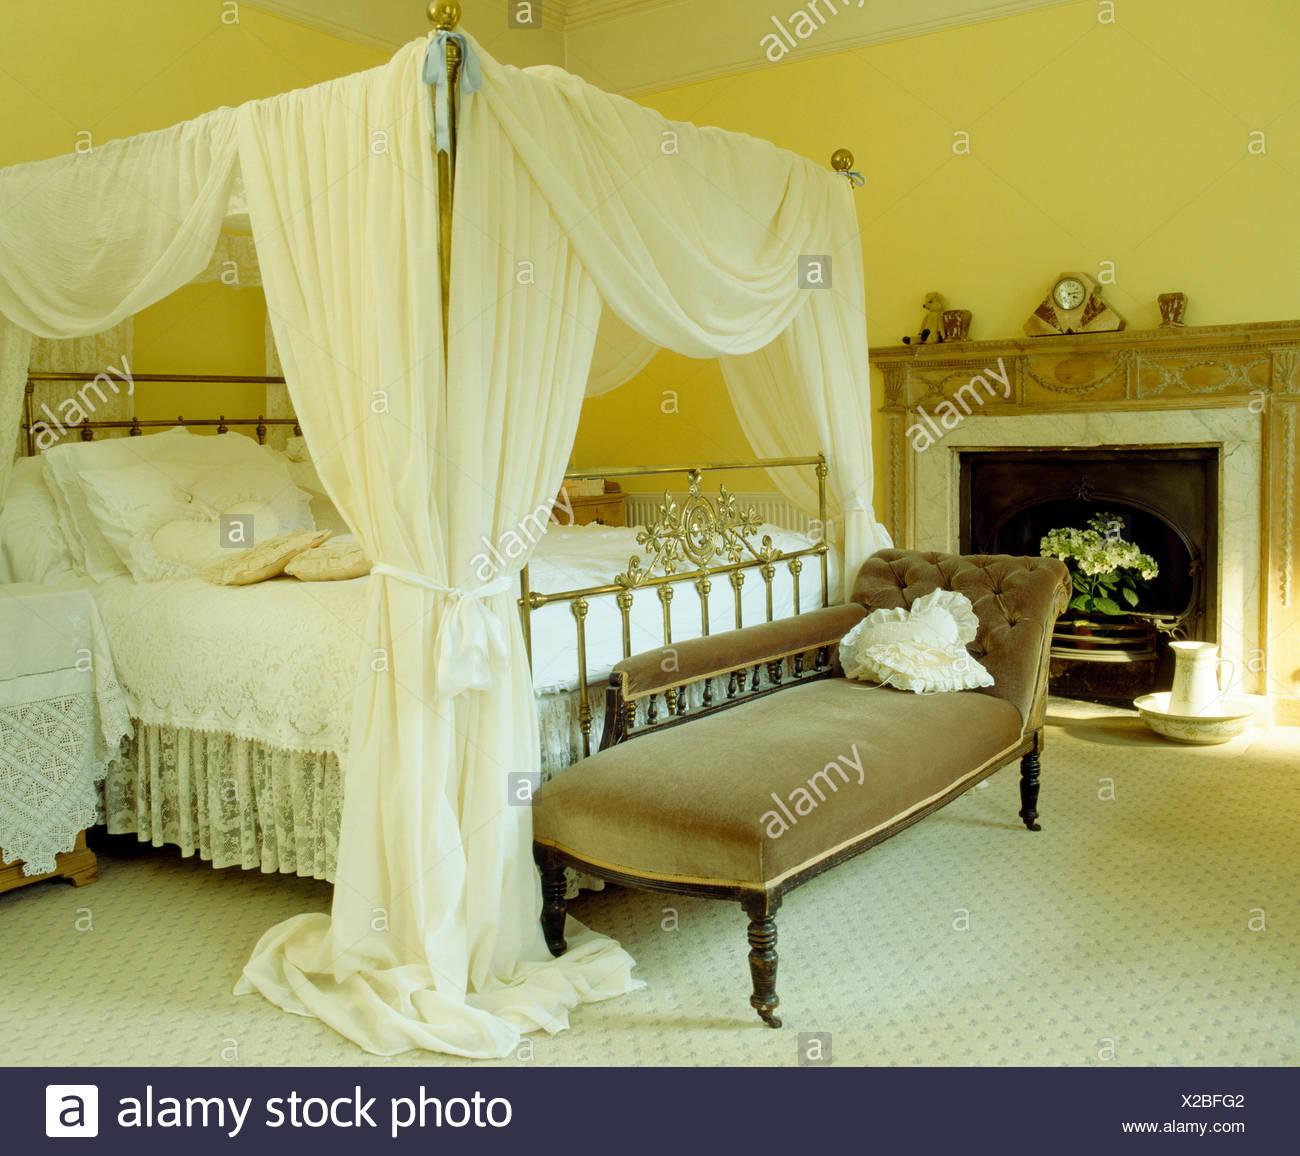 Rideaux Voile Blanc Sur Lit à Baldaquin Dans La Chambre Jaune Avec La  Chaise Longue En Velours Et Tapis Blanc